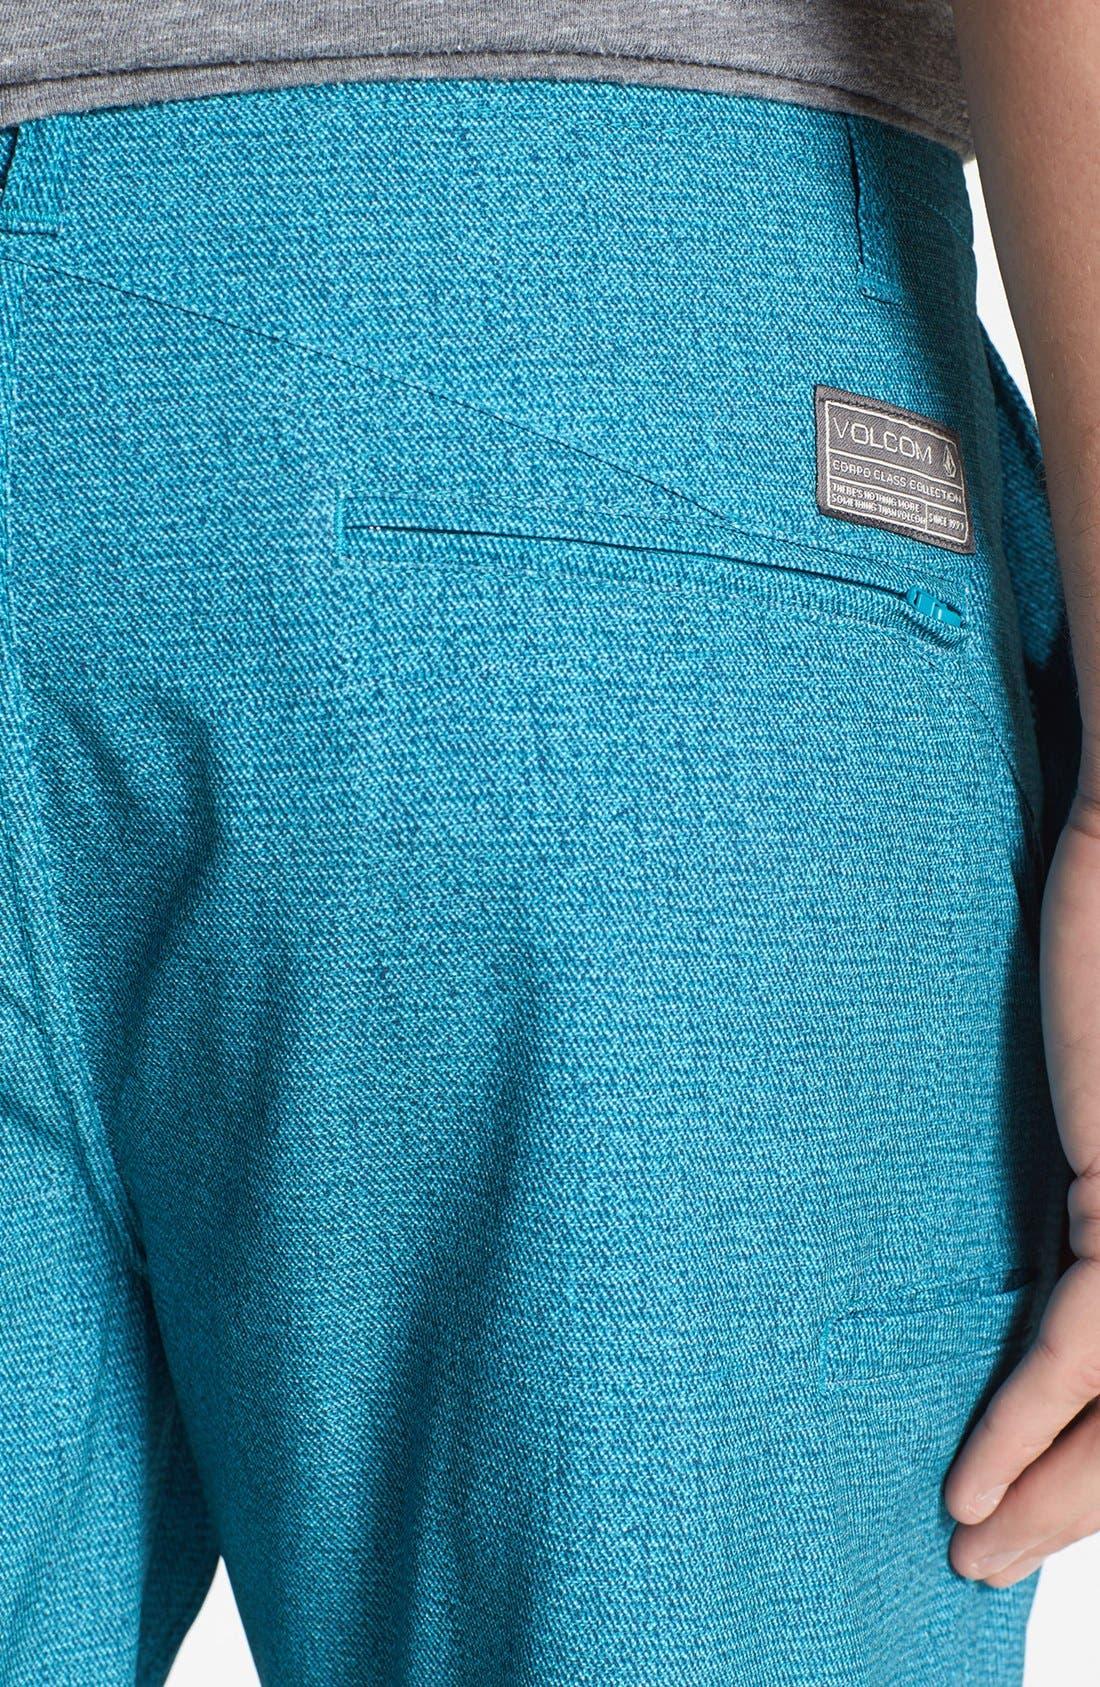 Alternate Image 3  - Volcom 'Modern' Hybrid Shorts